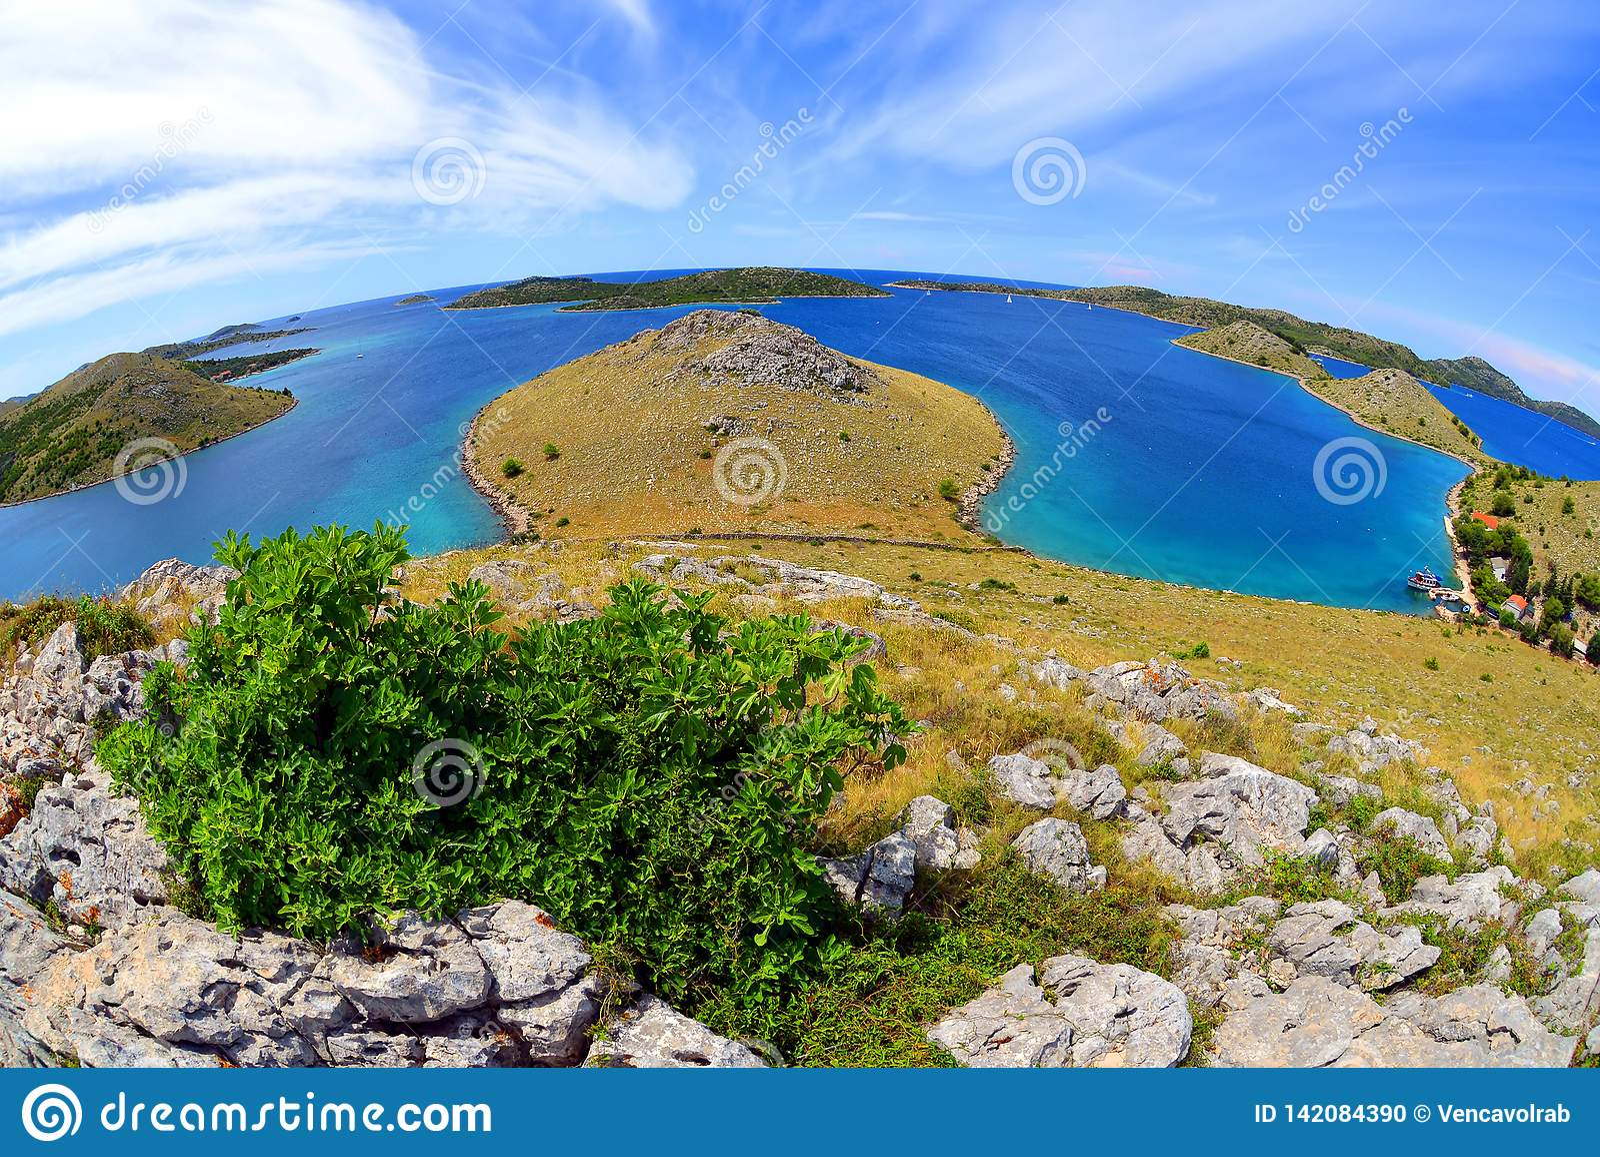 科纳提群岛海岛国立公园,克罗地亚